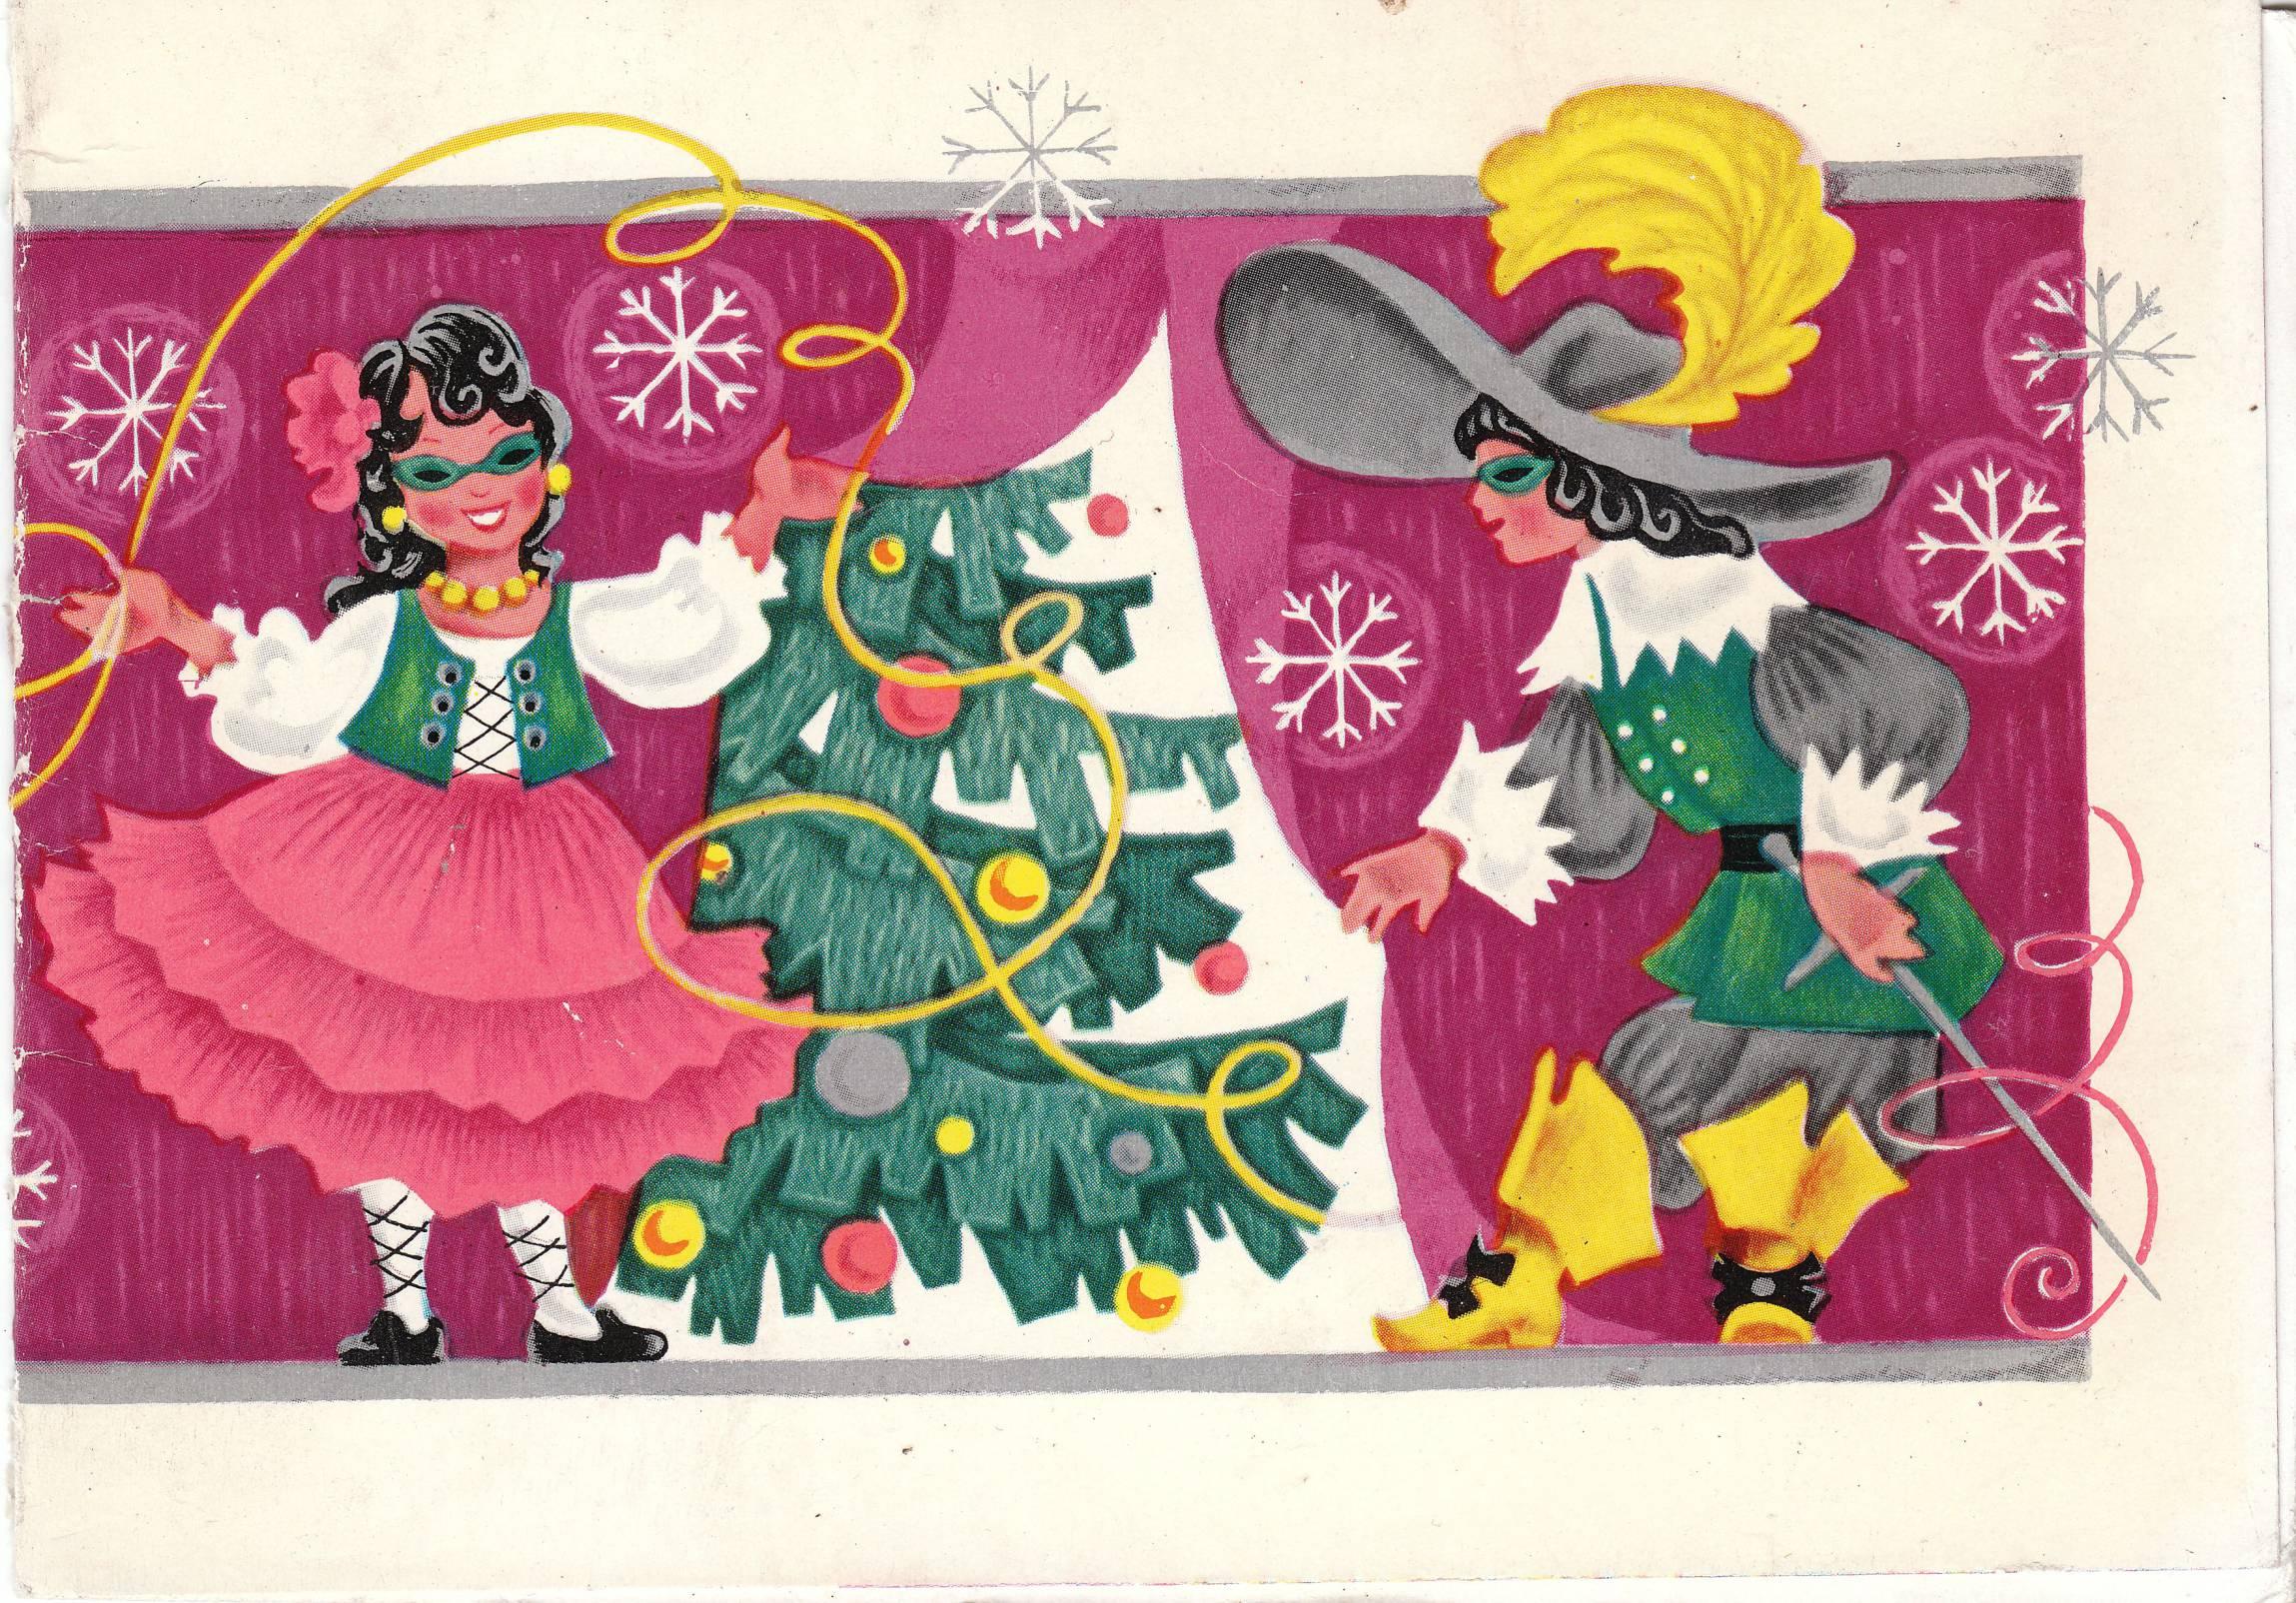 набор открыток новогодний карнавал правило эти змеи